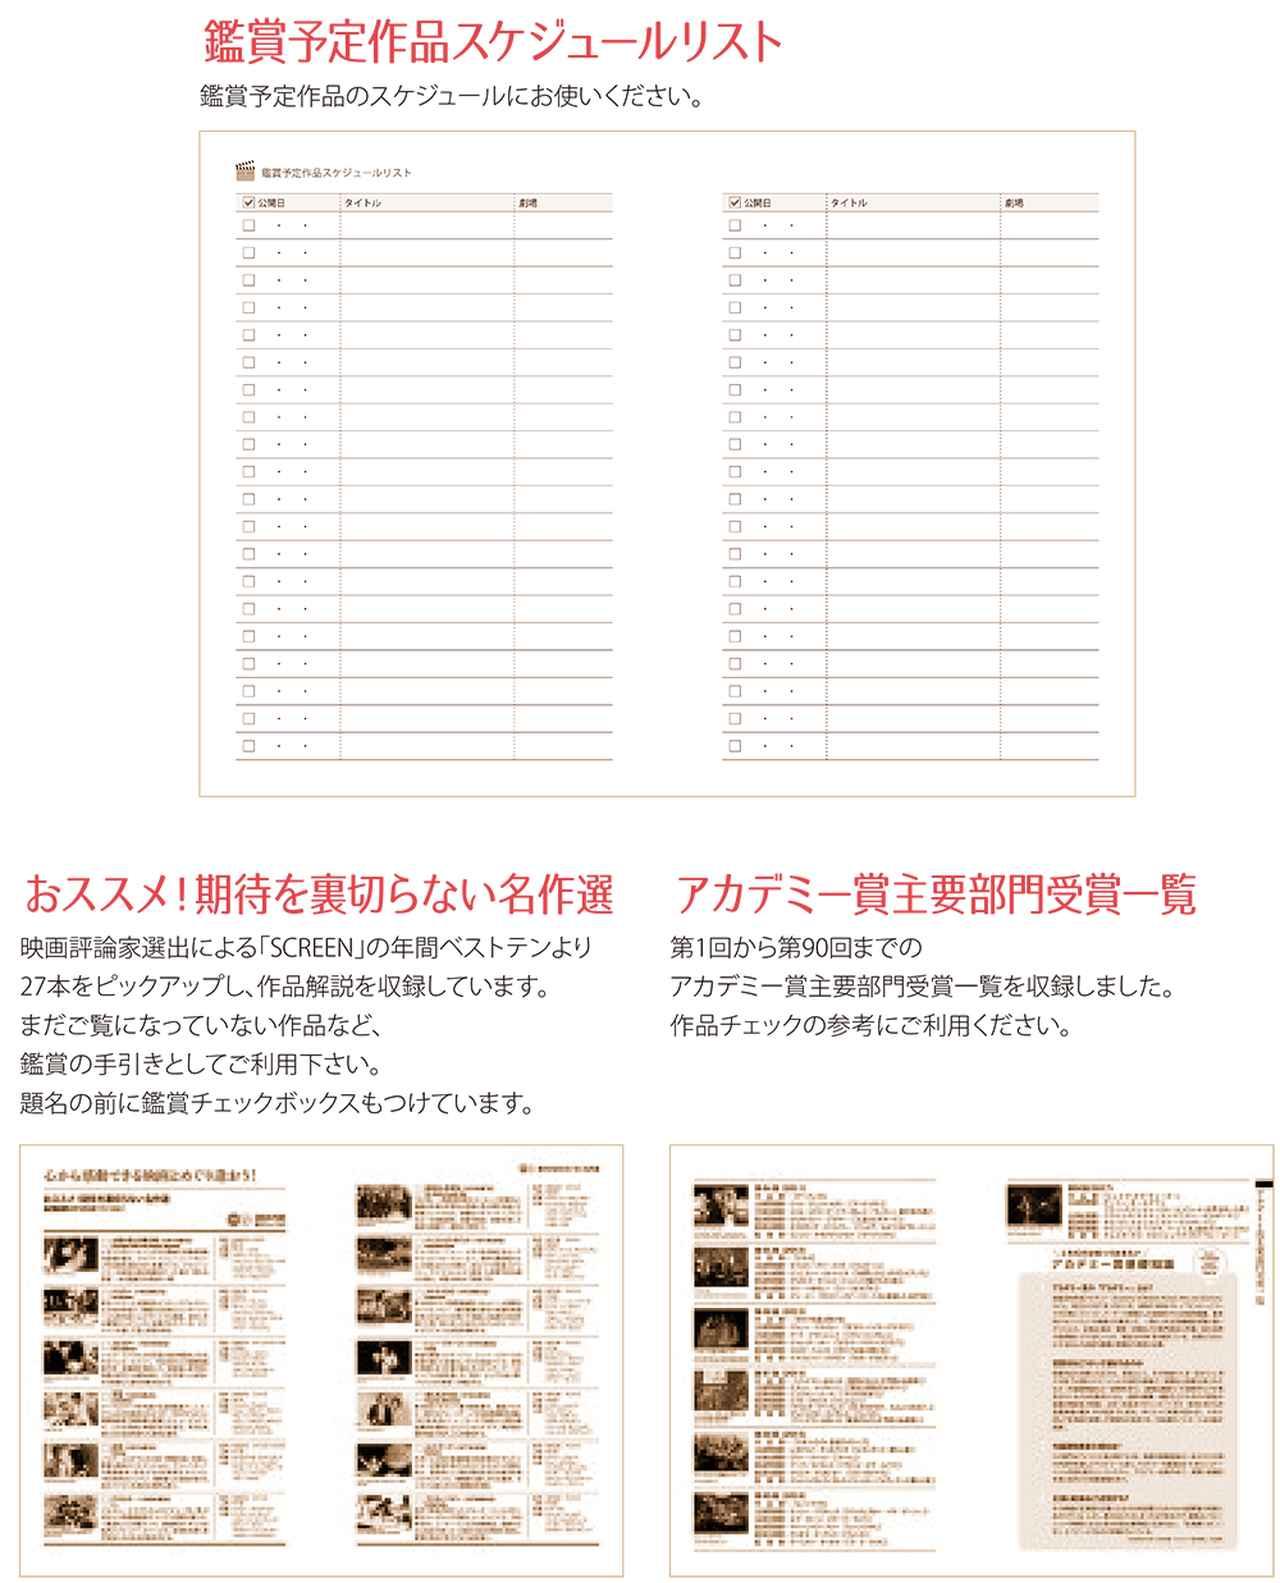 画像2: この手帳の特徴をご紹介